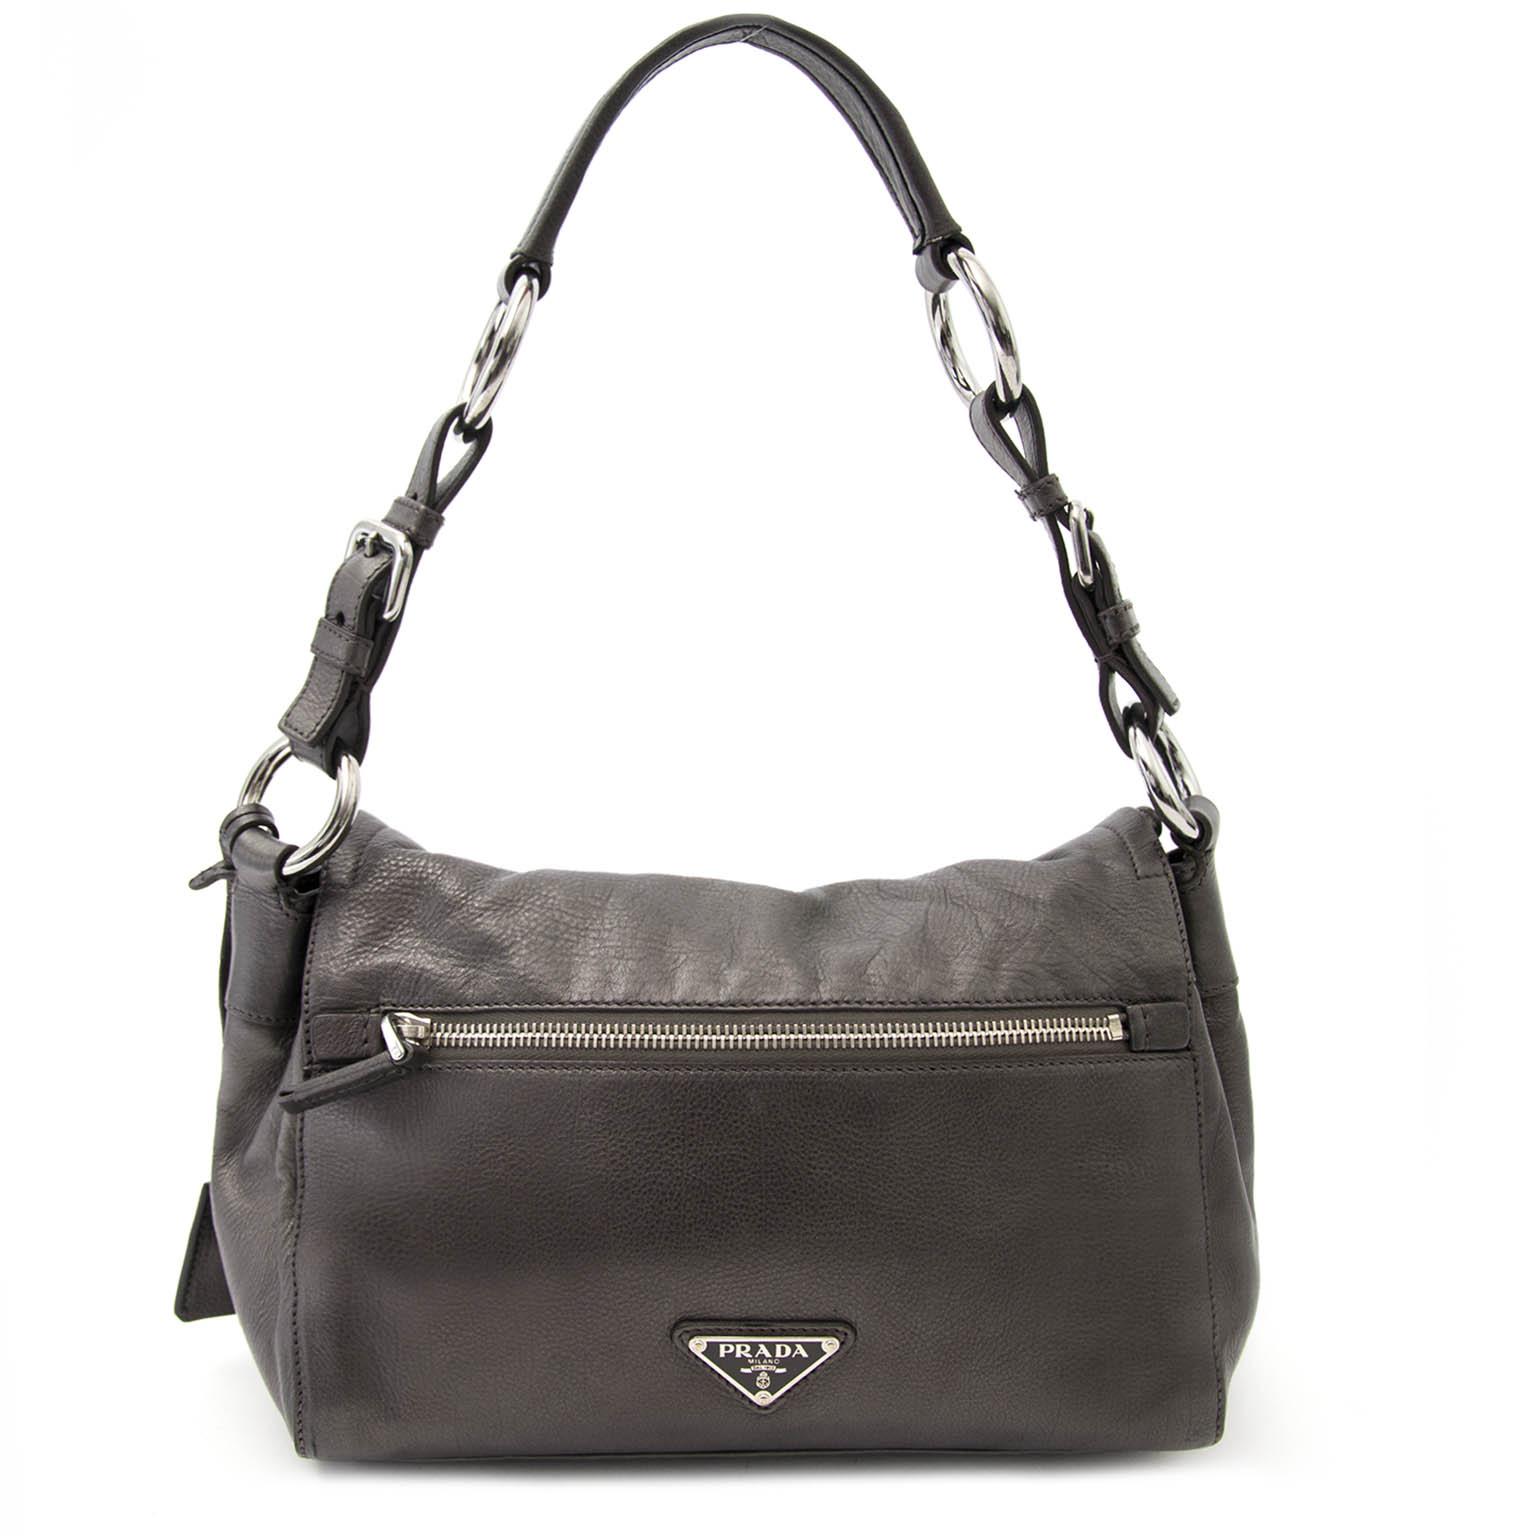 88886b289 ... online at Labellov Bent u op zoek naar een authentieke Prada Metallic  Grey Pattina Bag?